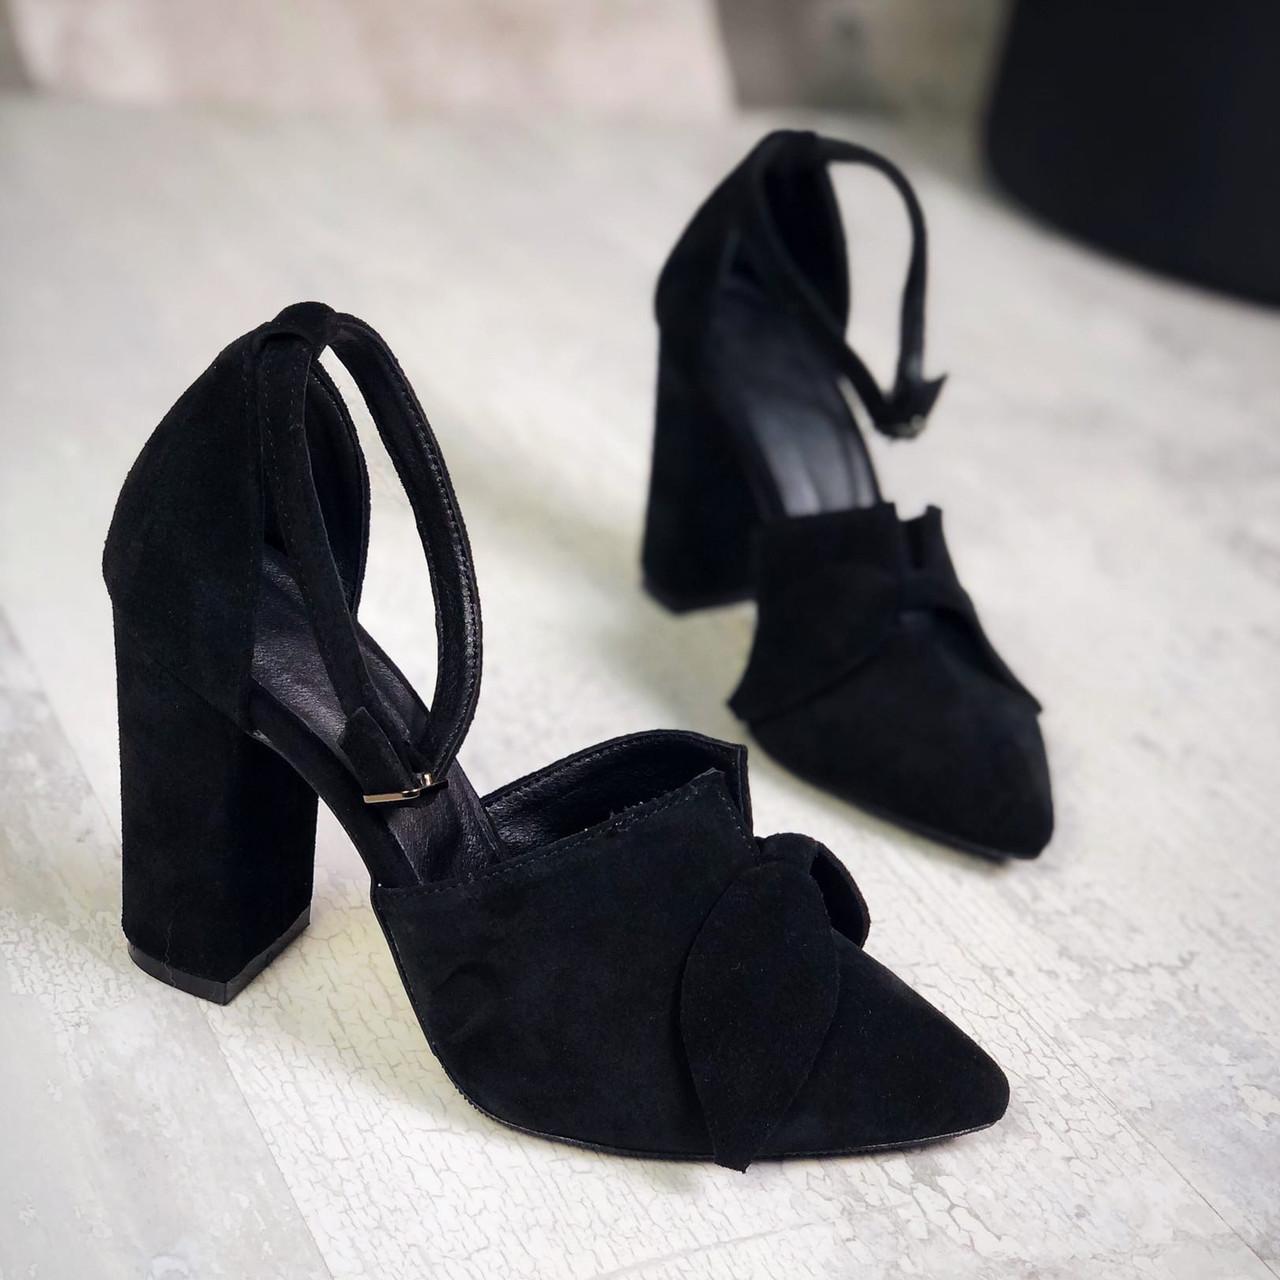 Шикарные замшевые туфли на каблучке 35-40 р чёрный